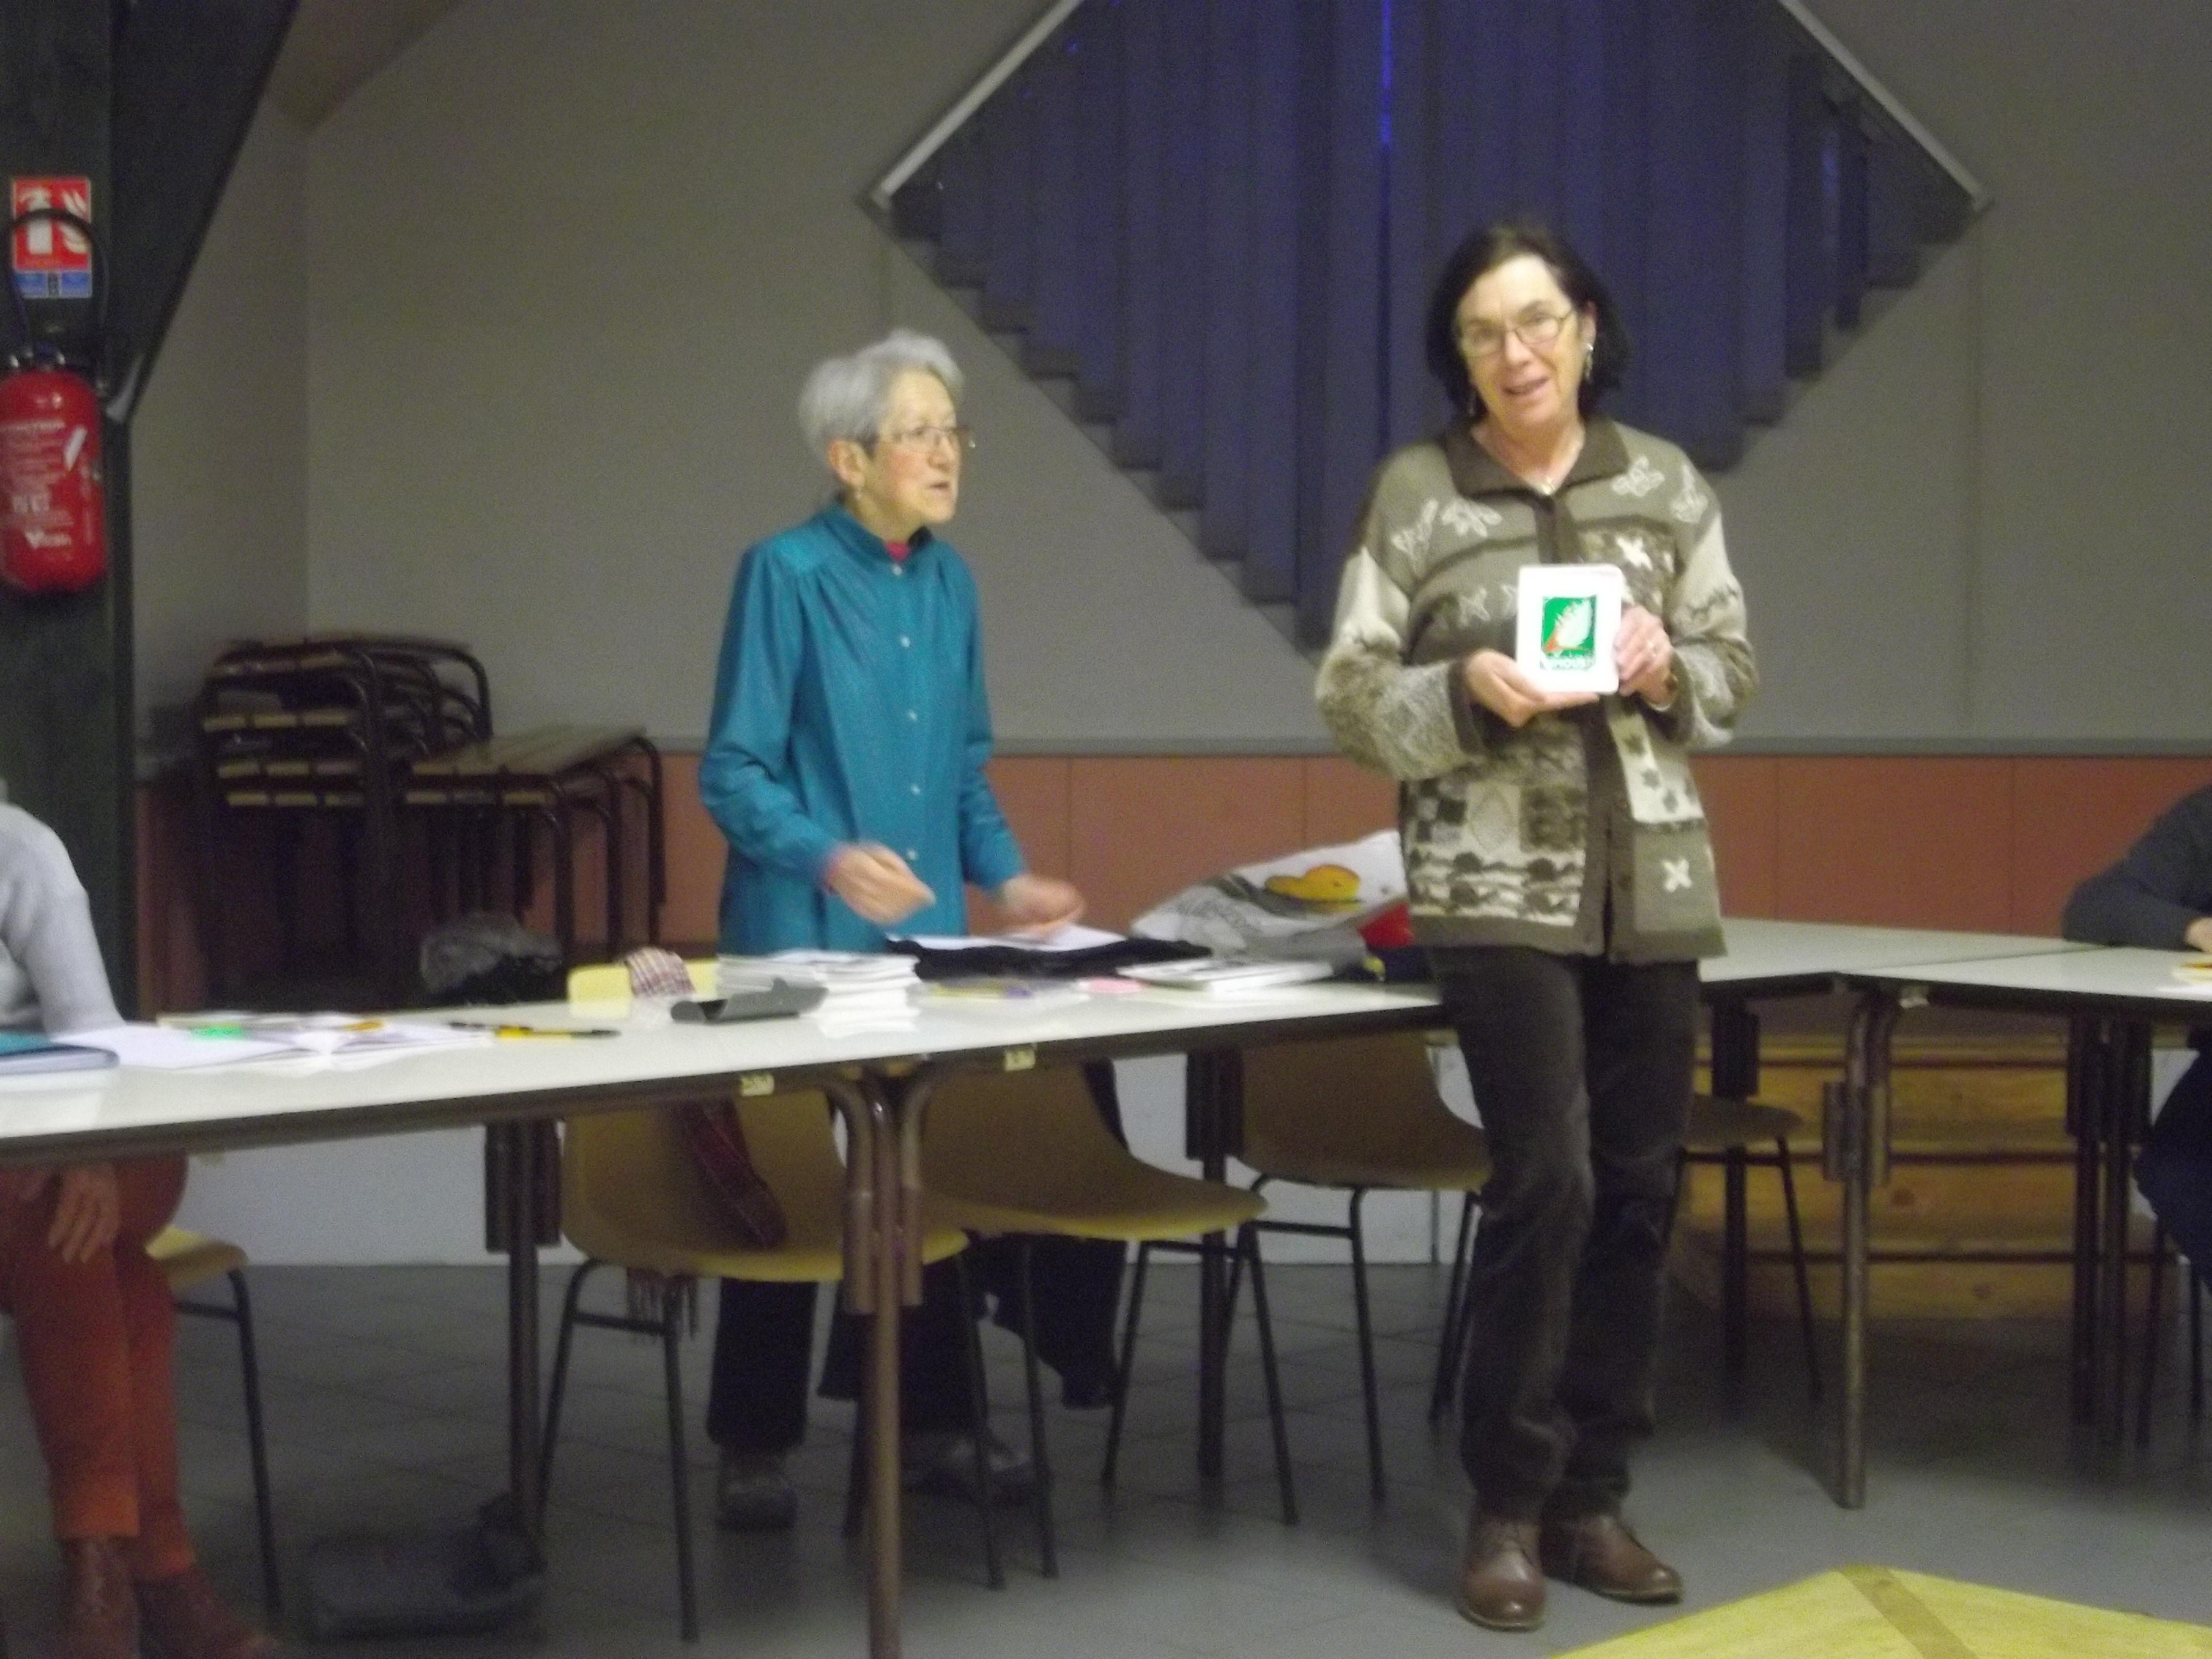 Remise du trophée du Limousin à Agnès lors de la soirée crepes